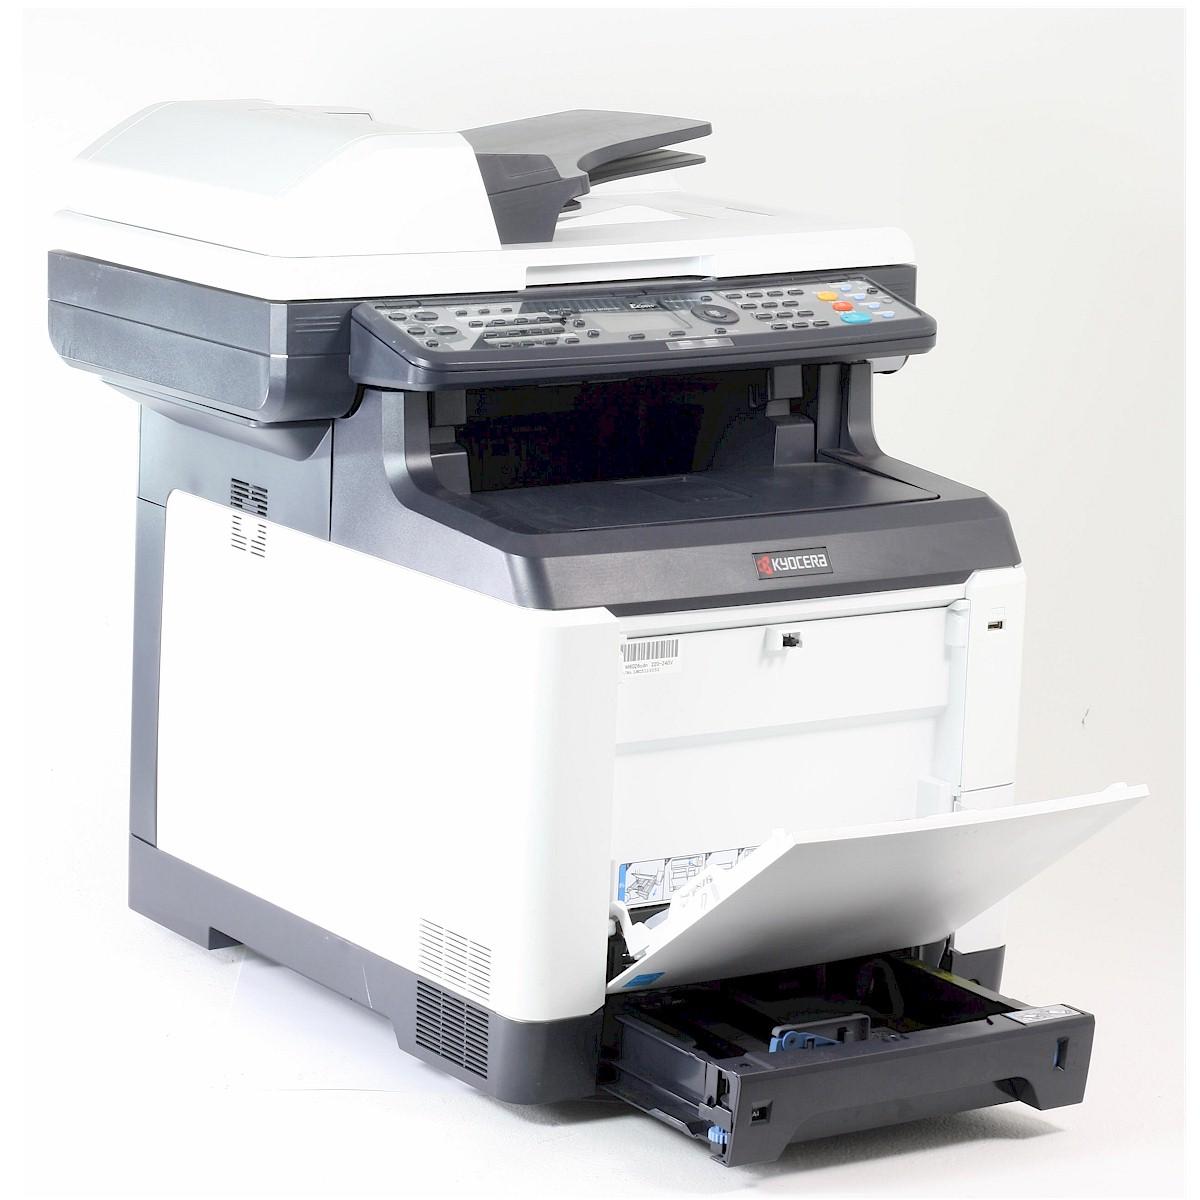 kyocera fs c2126 mfp drucker laserdrucker kopierer scanner fax color gebraucht ebay. Black Bedroom Furniture Sets. Home Design Ideas